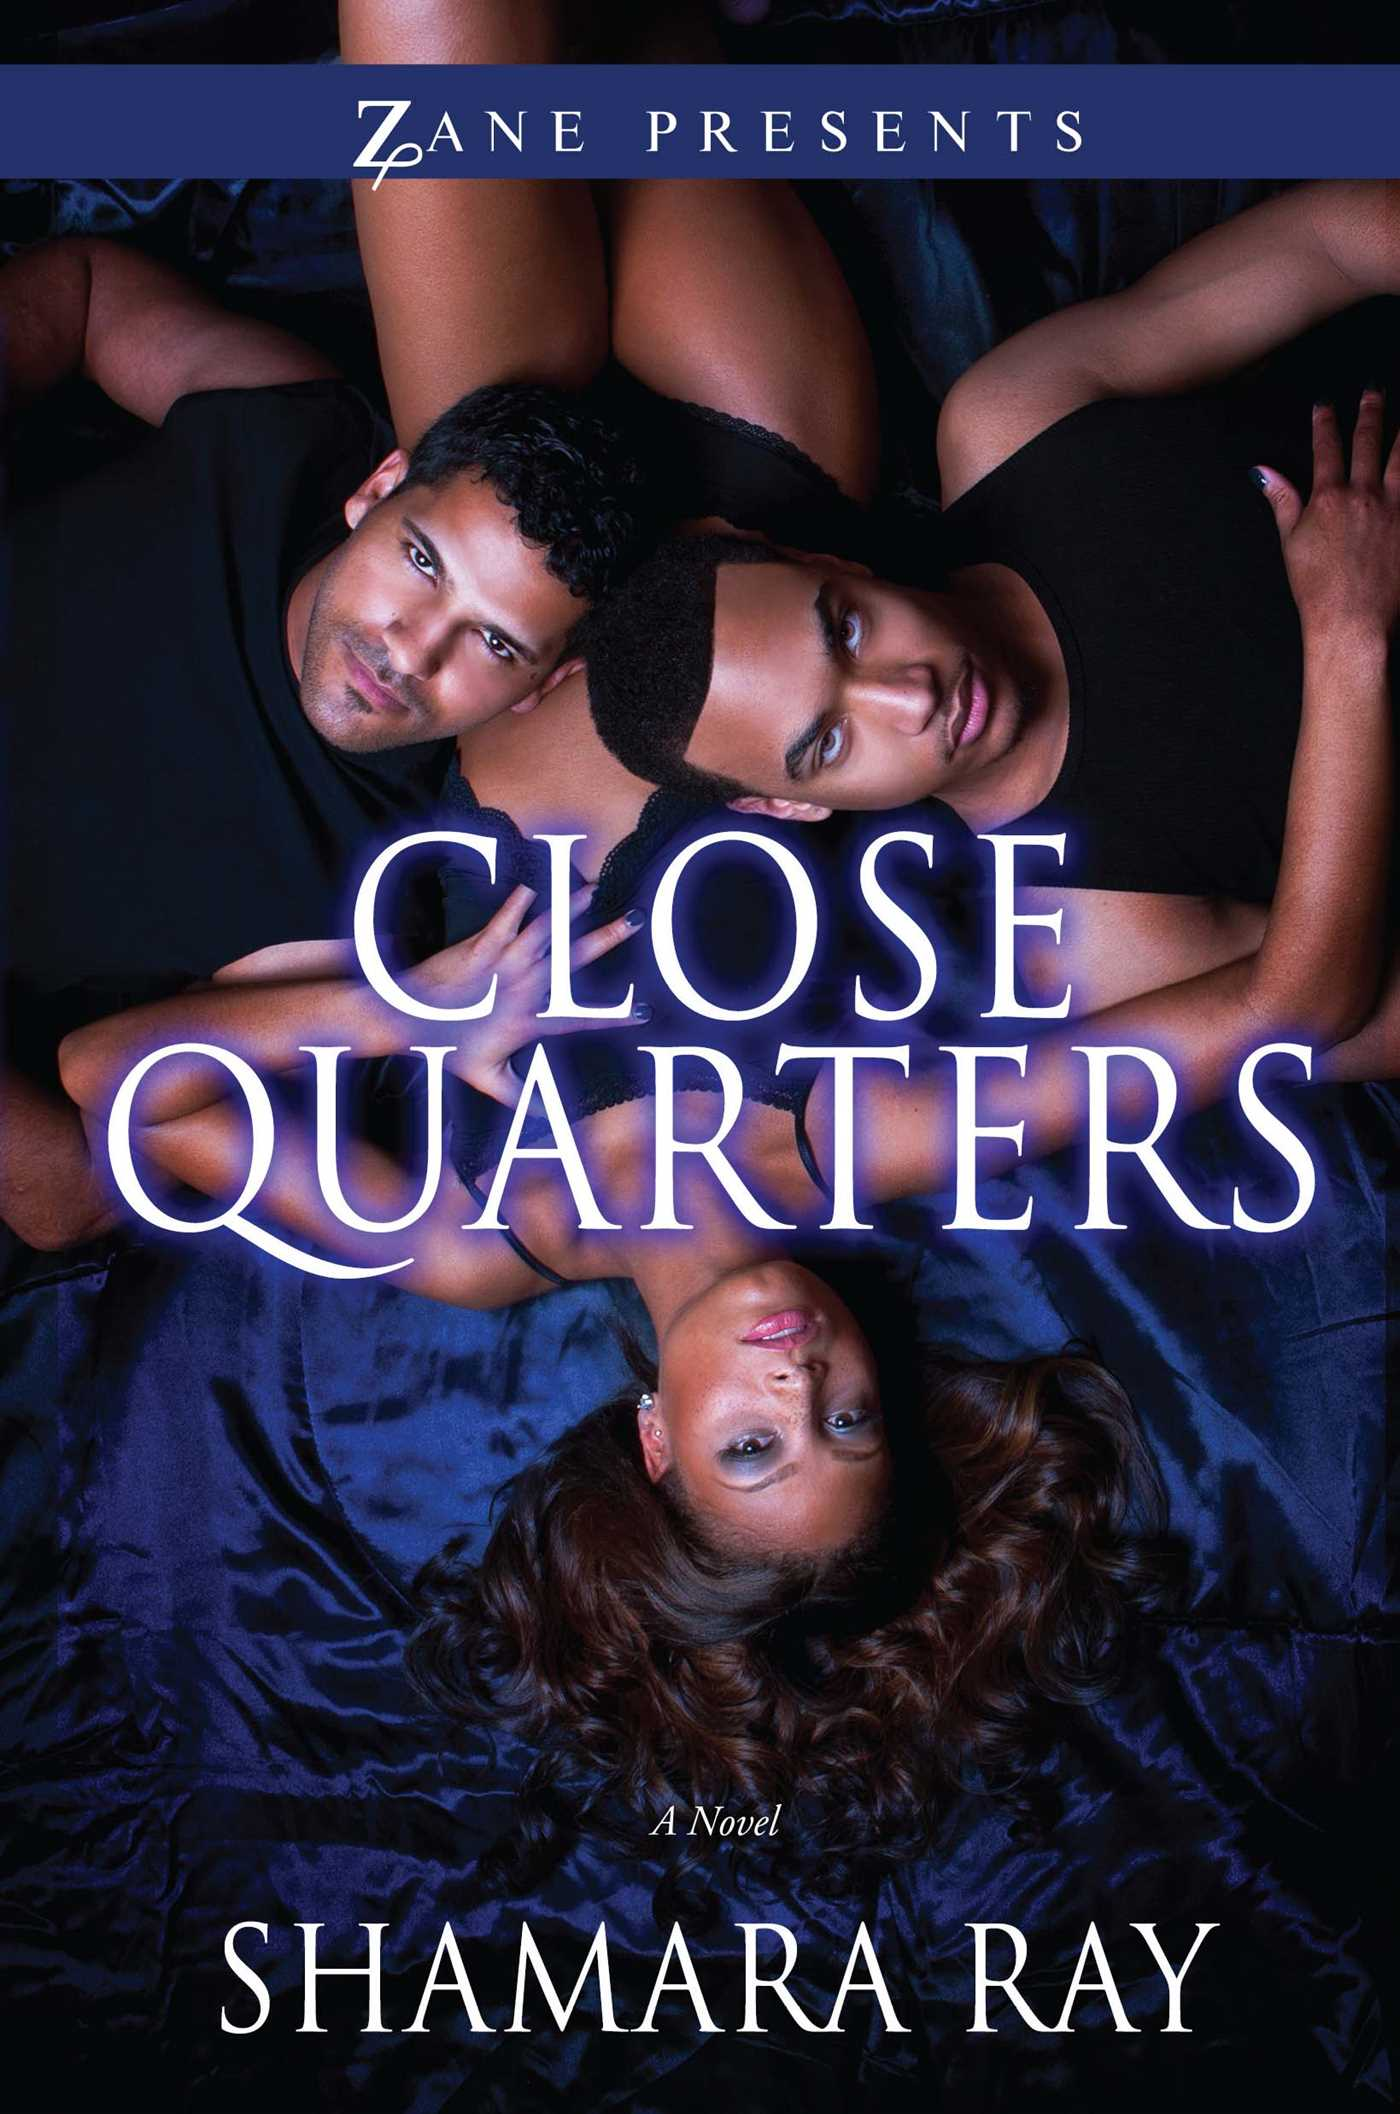 Close quarters 9781593094430 hr